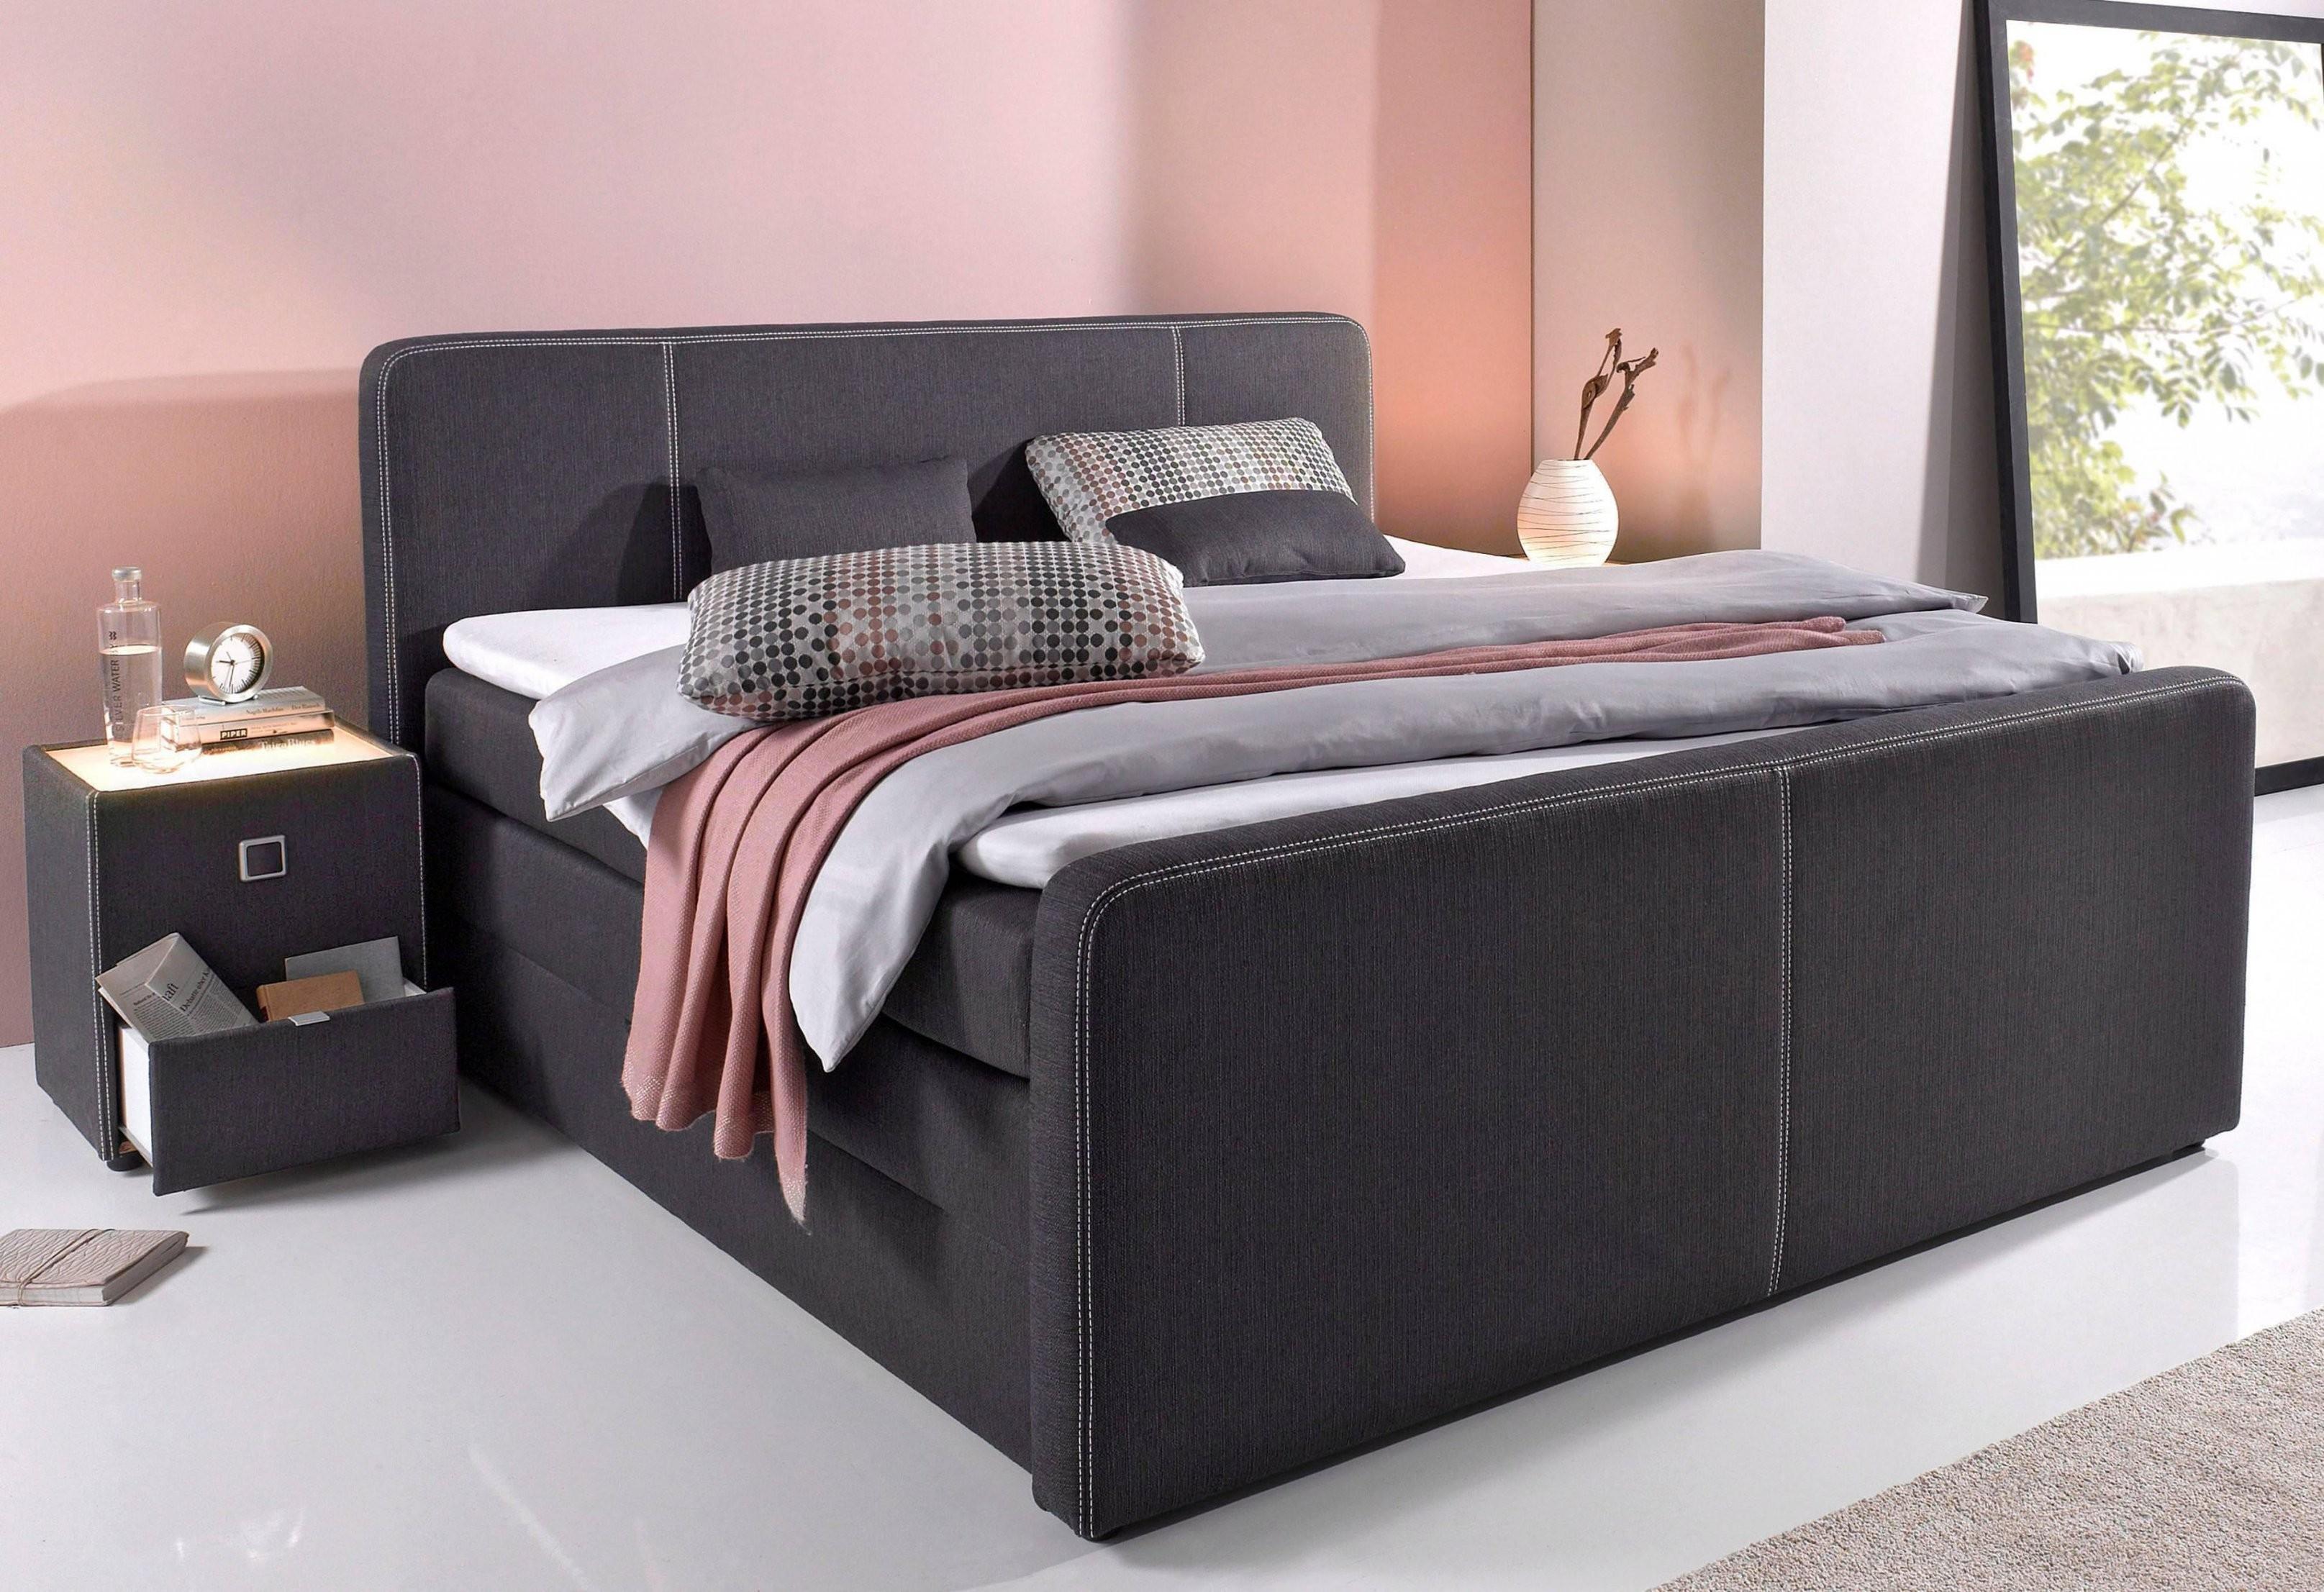 Frisch Bett Mit 2 Matratzen  Huambodigital von Nur Matratze Als Bett Bild